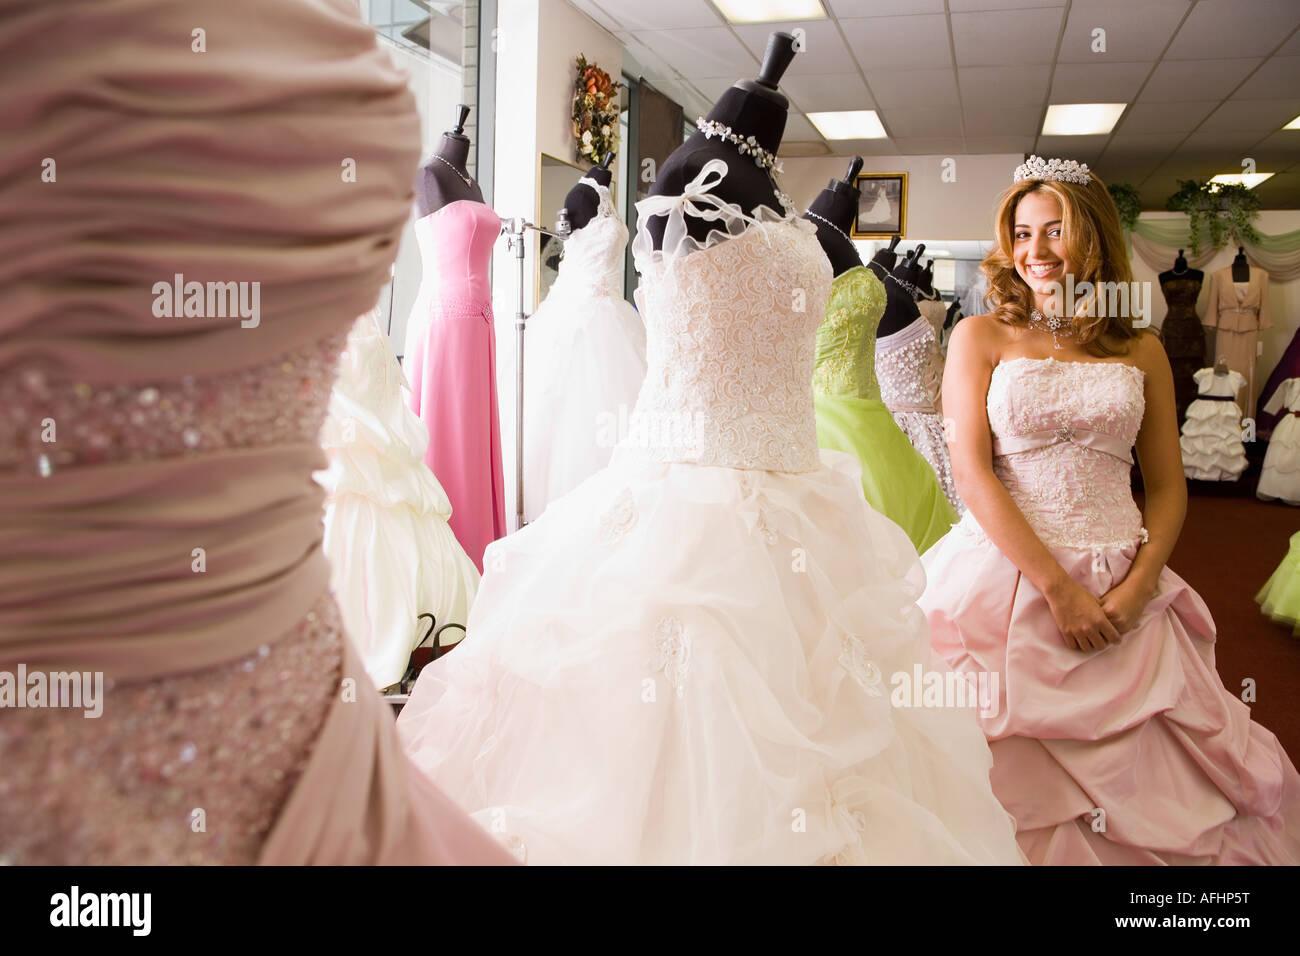 Großartig Partykleid Teenager Mädchen Fotos - Brautkleider Ideen ...